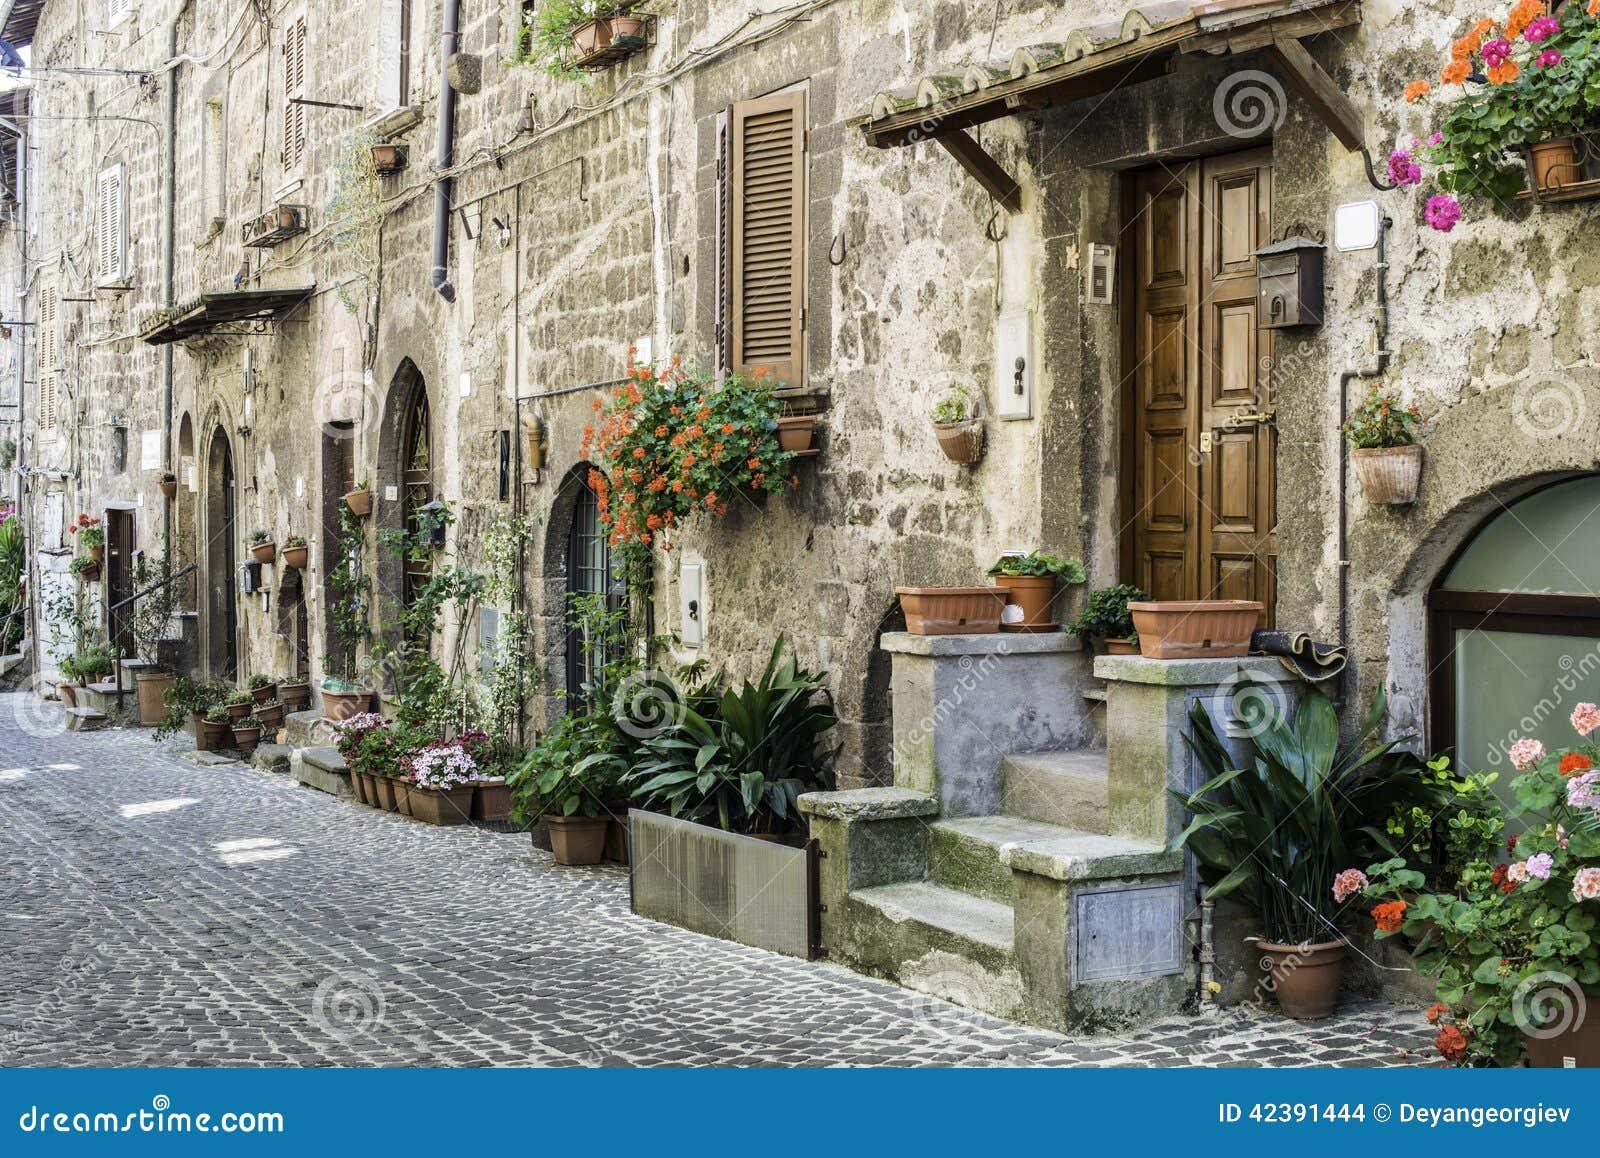 Case italiane tradizionali immagine stock editoriale for Modelli di case italiane